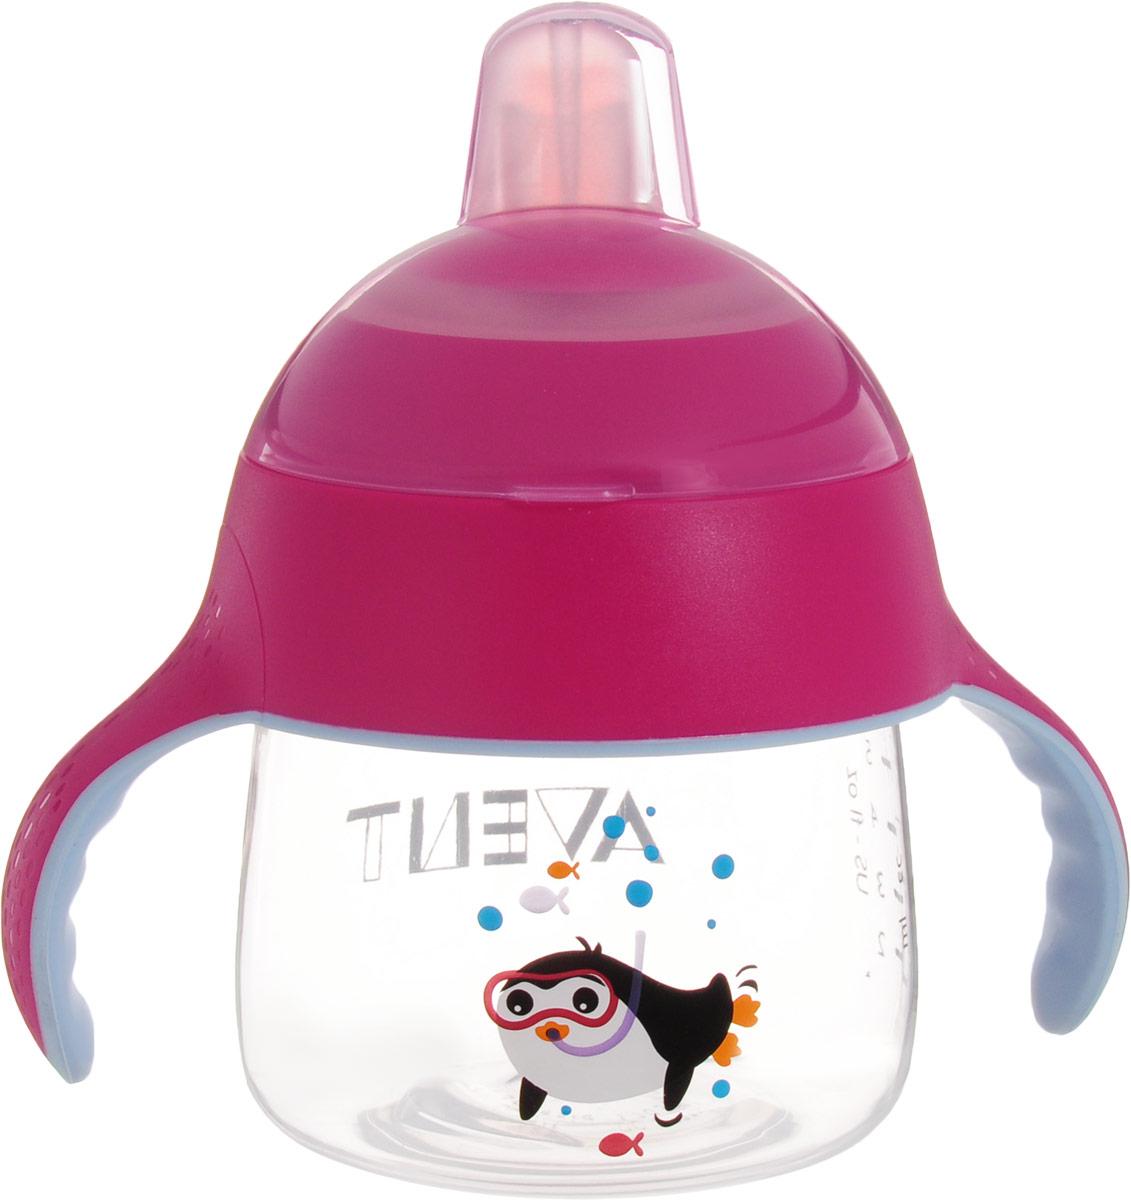 Philips Avent Волшебная чашка-непроливайка от 6 месяцев, цвет: розовый, 200 мл SCF751/00SCF751/00Чашка-поильник Philips Avent, выполненная из высококачественных материалов, обладает уникальным дизайном и функциональностью. Гибкий мягкий носик не травмирует десны и идеально подходит для детей, находящихся на этапе перехода от бутылочки к чашке. Расположенный под углом носик помогает малышу сделать первые глотки, не отклоняя голову назад слишком сильно. Во время питья малыш может держать шею в естественном положении. Благодаря клапану, предотвращающему проливание, из этой чашки не прольется ни капли, даже если ее встряхивать или переворачивать. Поступление воды обеспечивается только тогда, когда малыш пьет. Изделие оснащено двумя мягкими обучающими ручками, которые приучают малыша держать чашку и пить без посторонней помощи. Они не только подходят малышу по форме, но и препятствуют выскальзыванию. Защитный гигиеничный колпачок всегда сохраняет носик в чистоте - как дома, так и на прогулке. Все детали можно мыть в посудомоечной машине. ...